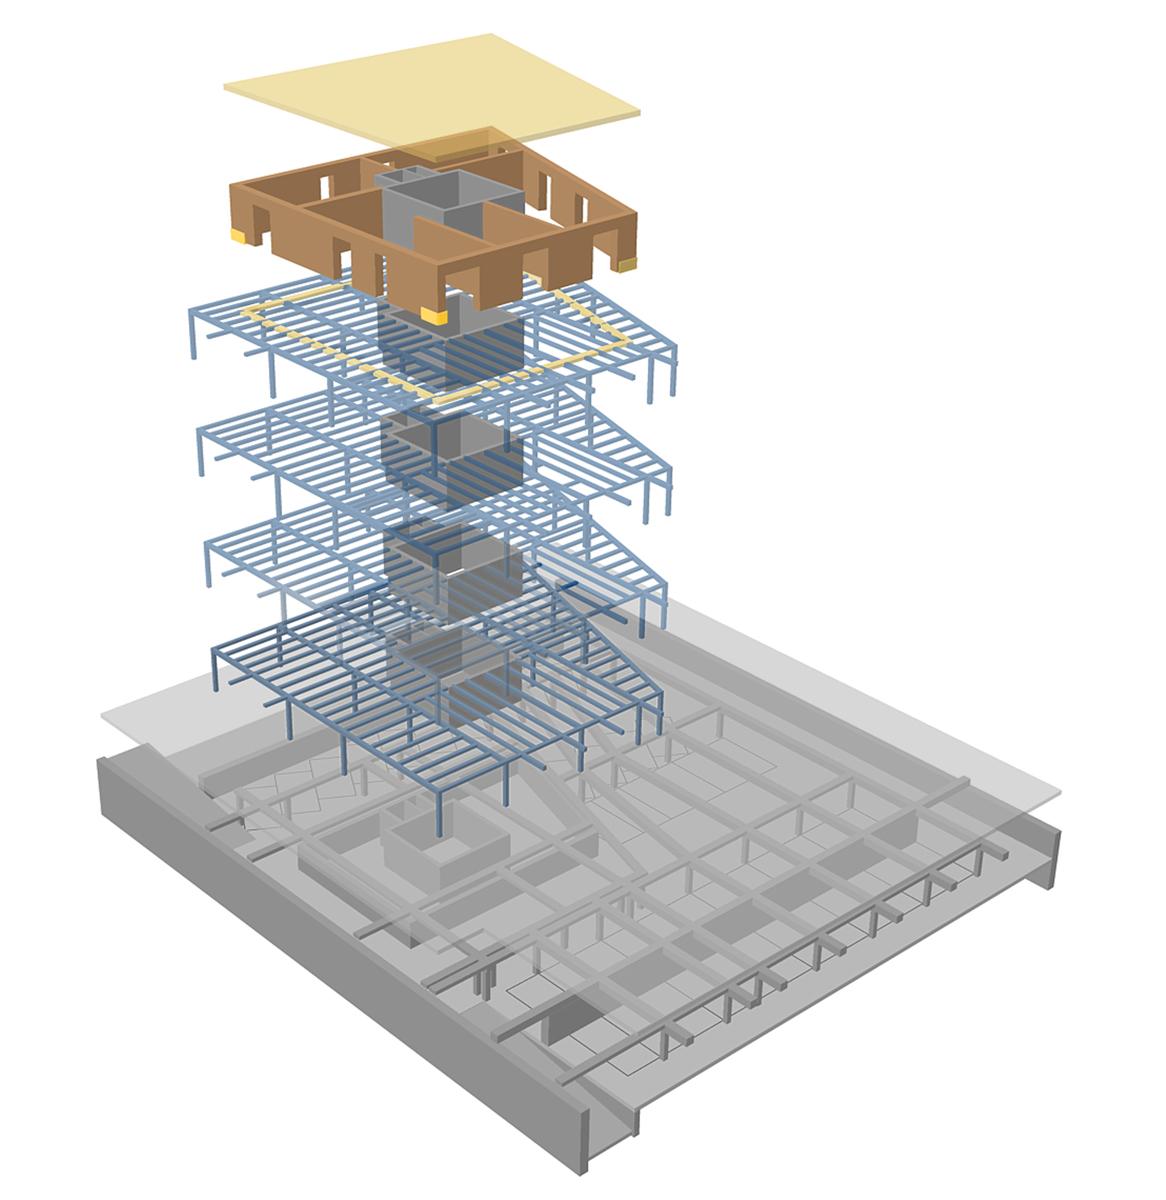 Lausanne - Vista assonometrica del concept strutturale - Tommaso Vecci